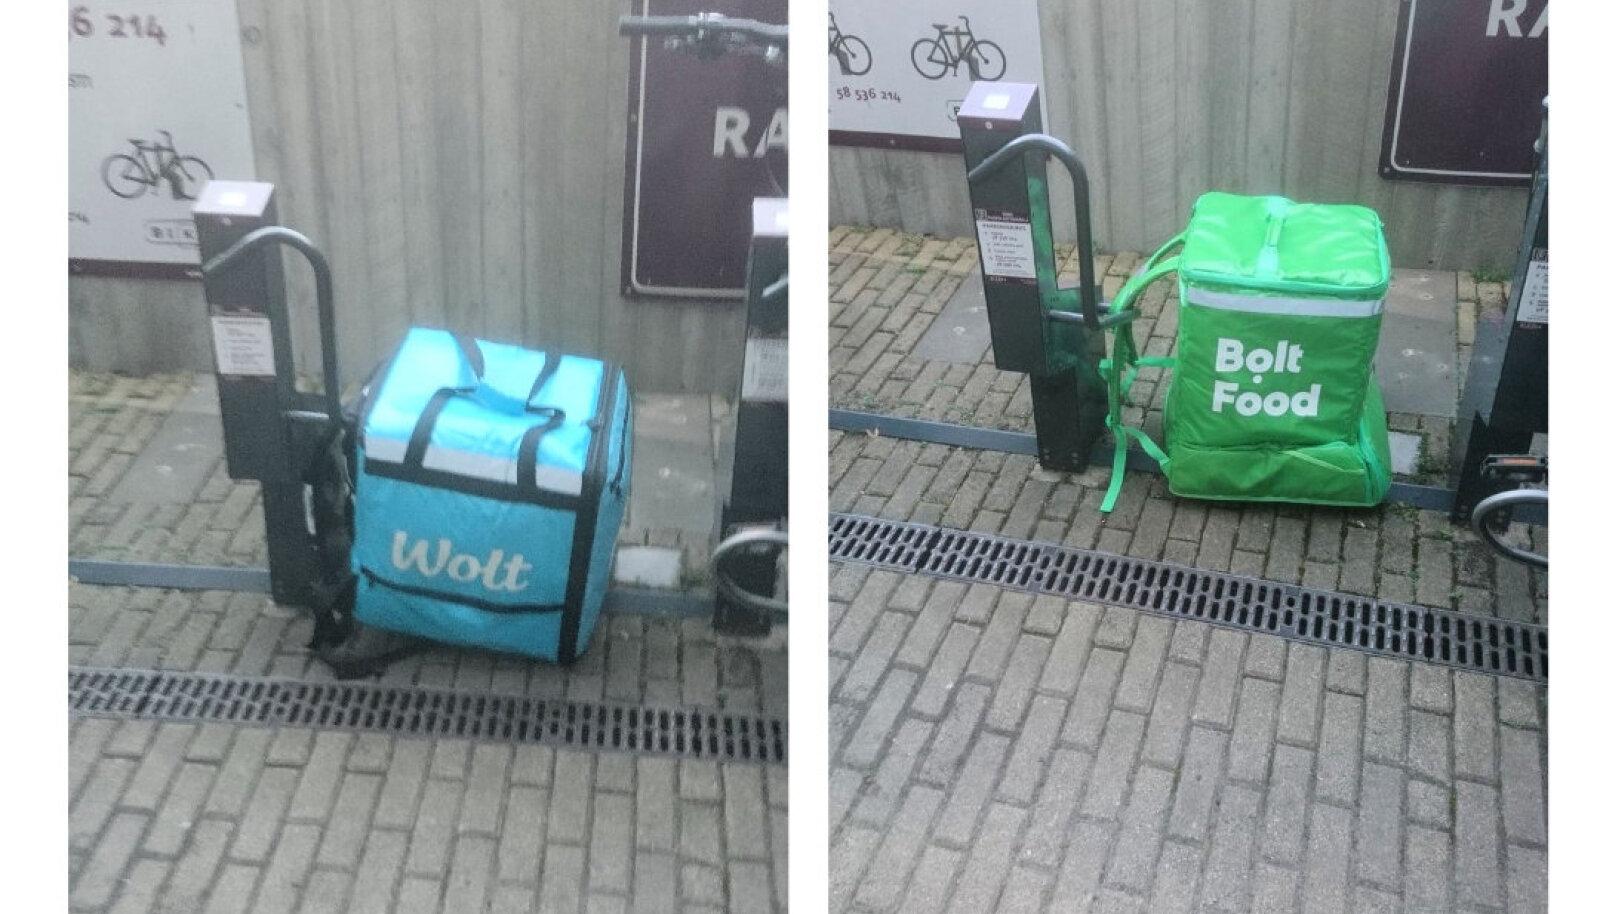 Toidukastid jalgrattalukus